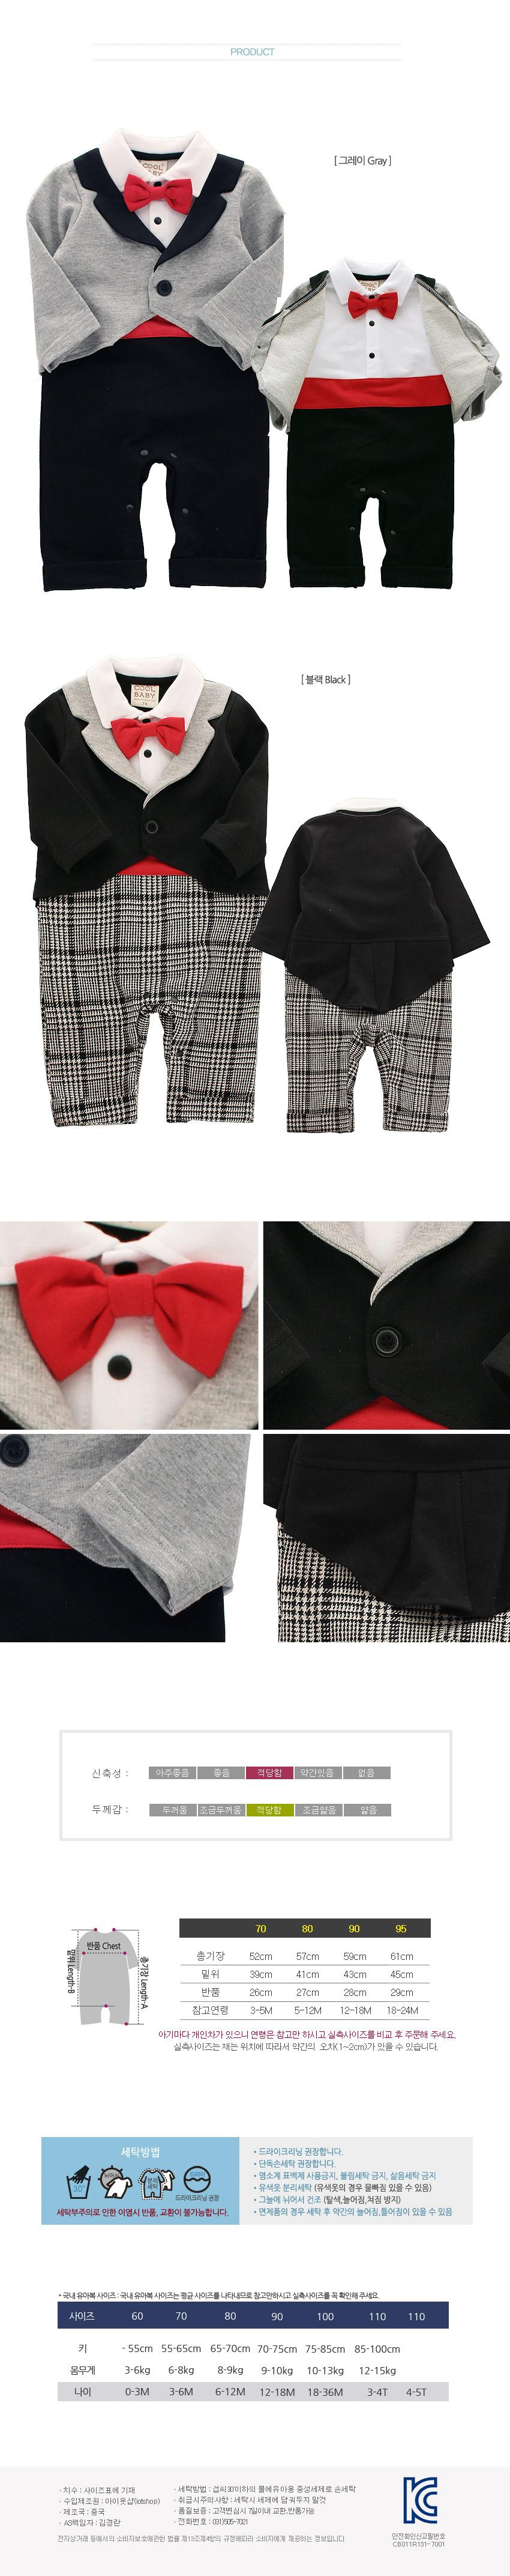 [ BABYMAX ] Toddler Red bowtie Tuxedo Romper 1309